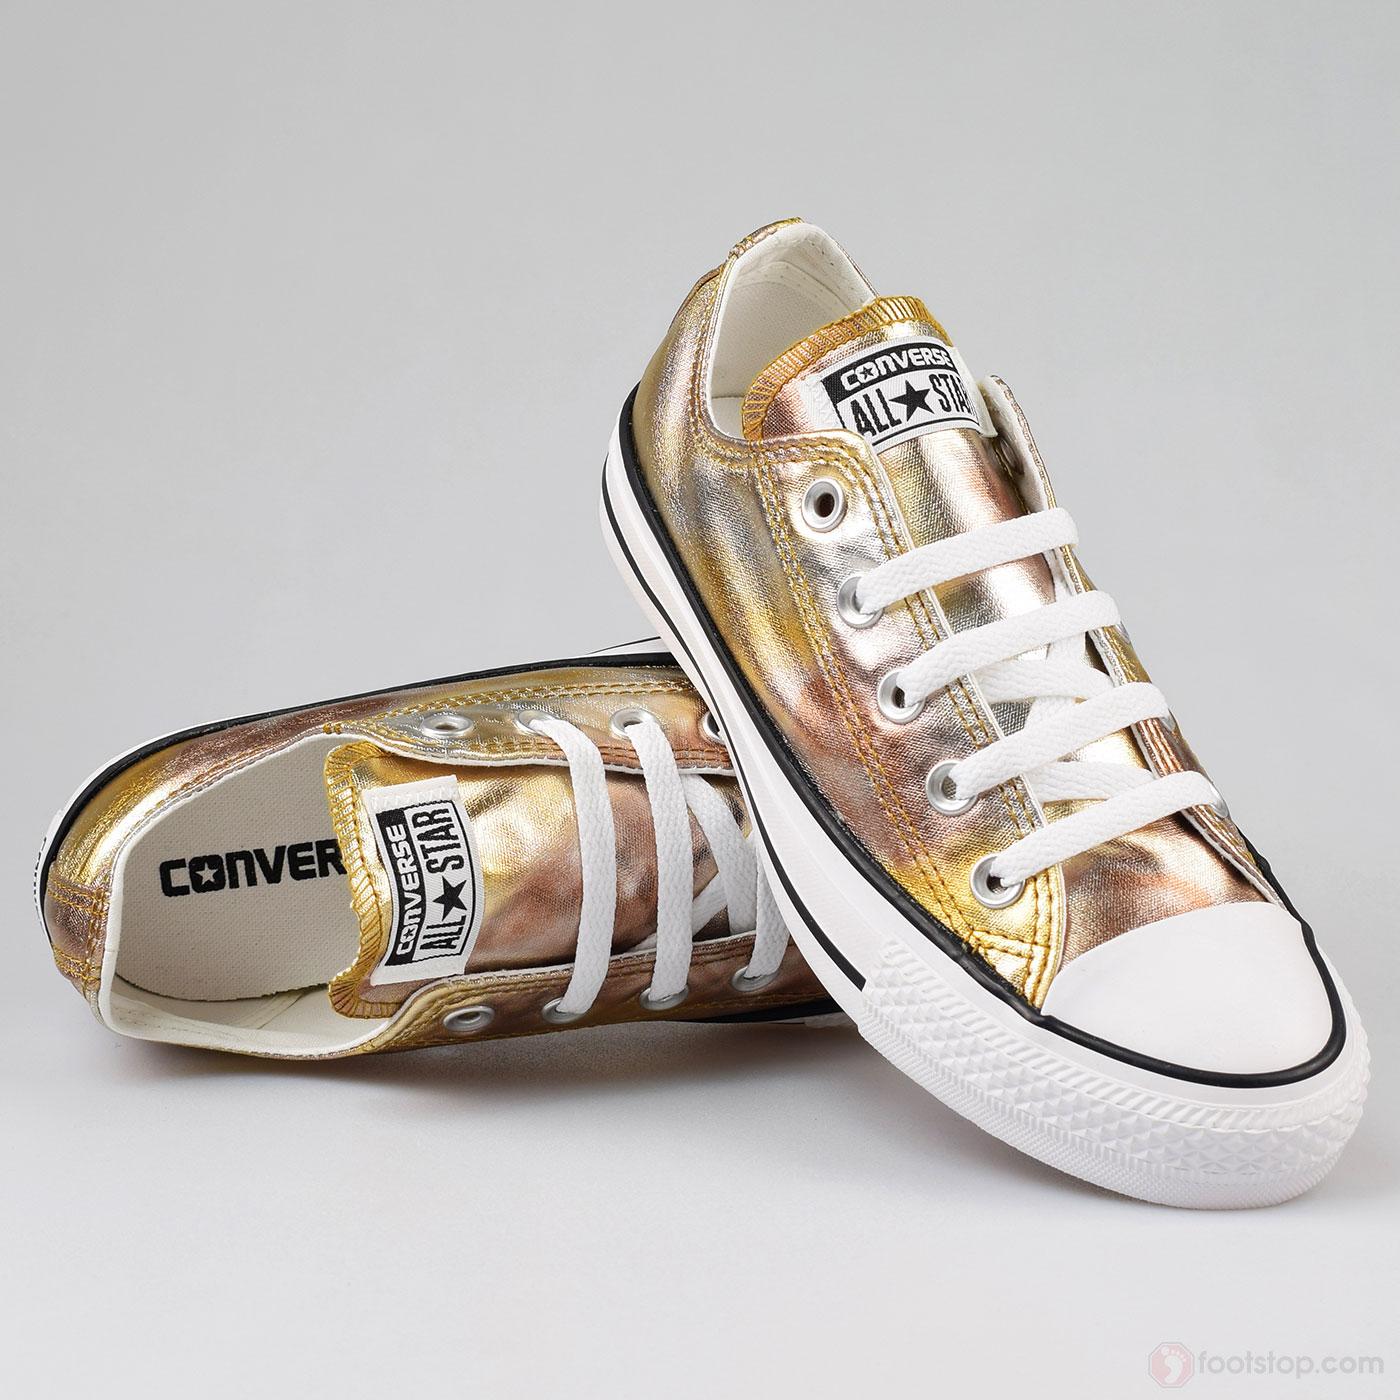 נעלי אולסטאר זהב כסף מטאלי נשים Converse Gold Silver Metal